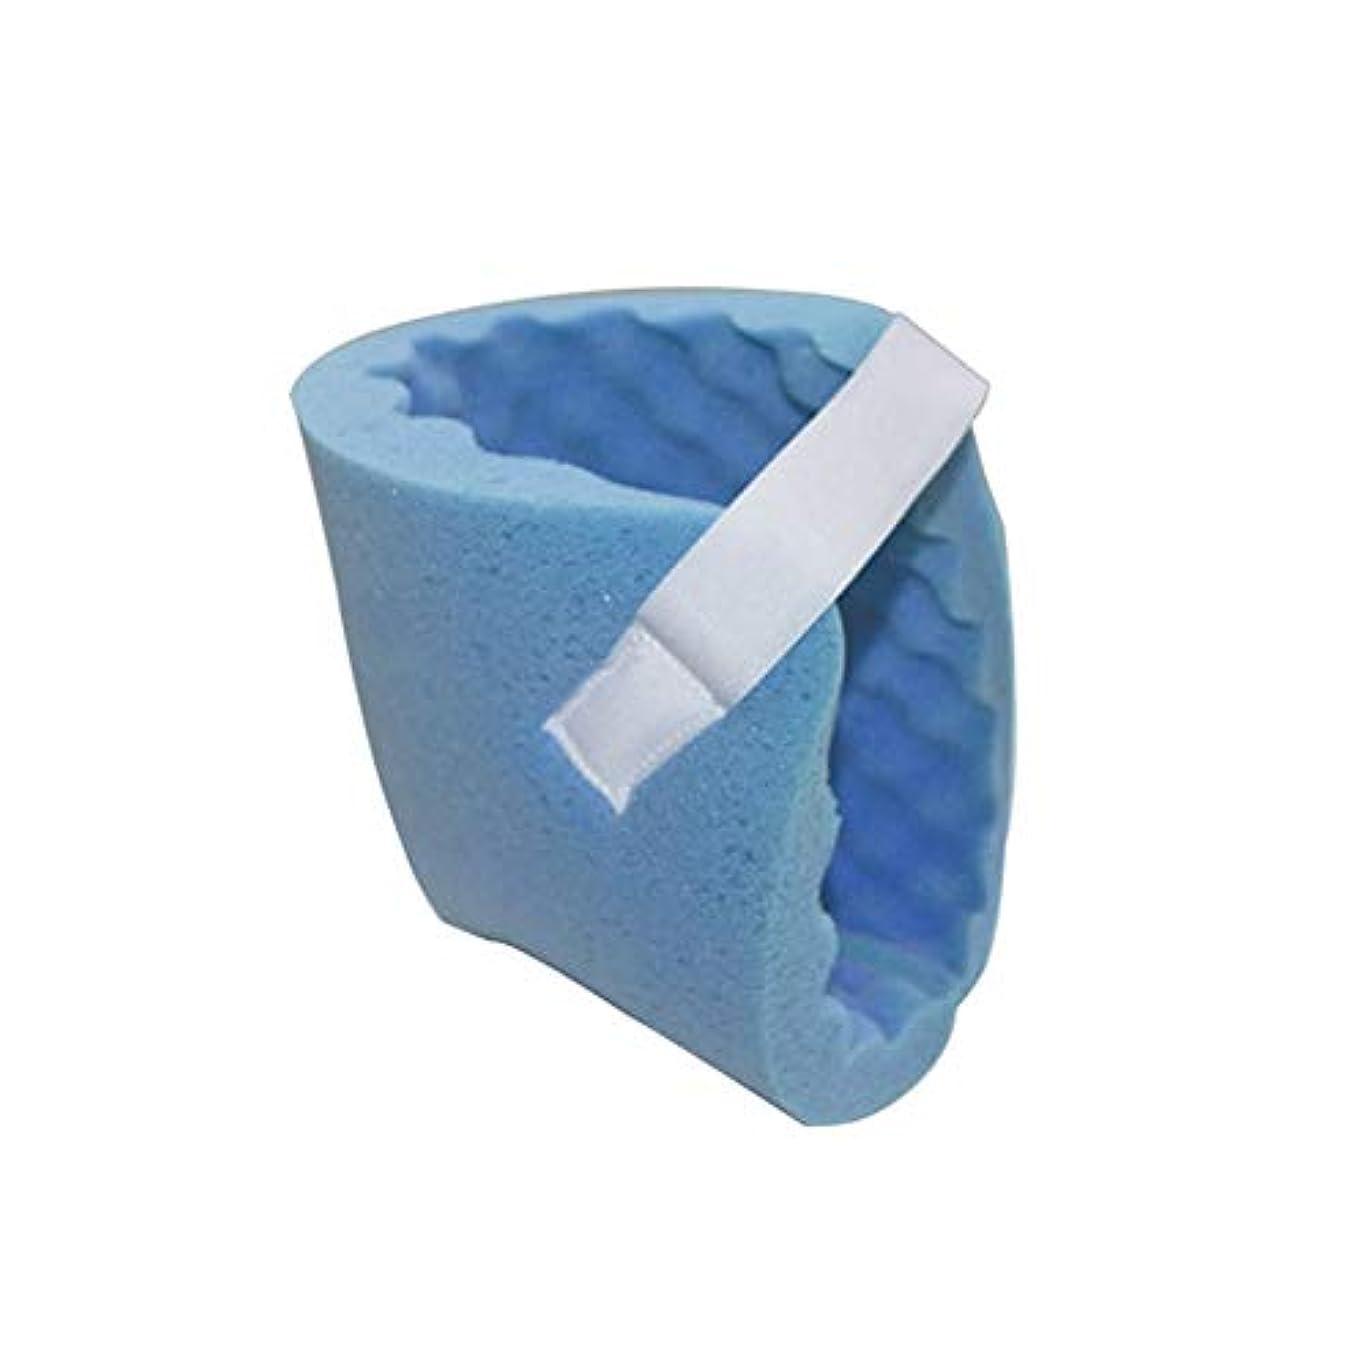 かかと抗Press瘡保護パッド、反De瘡通気性減圧波型かかとパッド、ケア用品